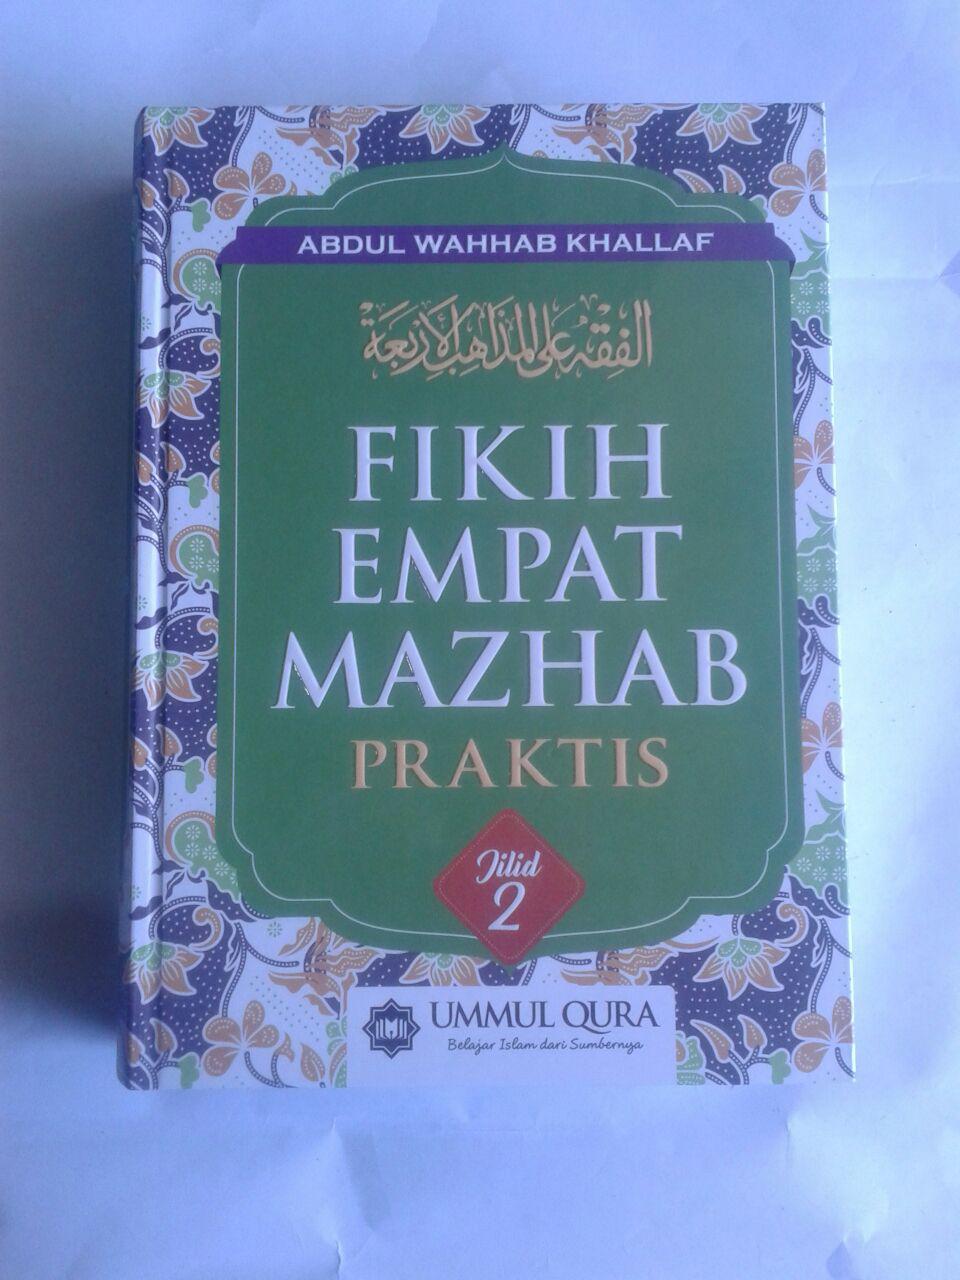 Buku Fikih Empat Madzhab Praktis 1 Set 2 Jilid cover 2